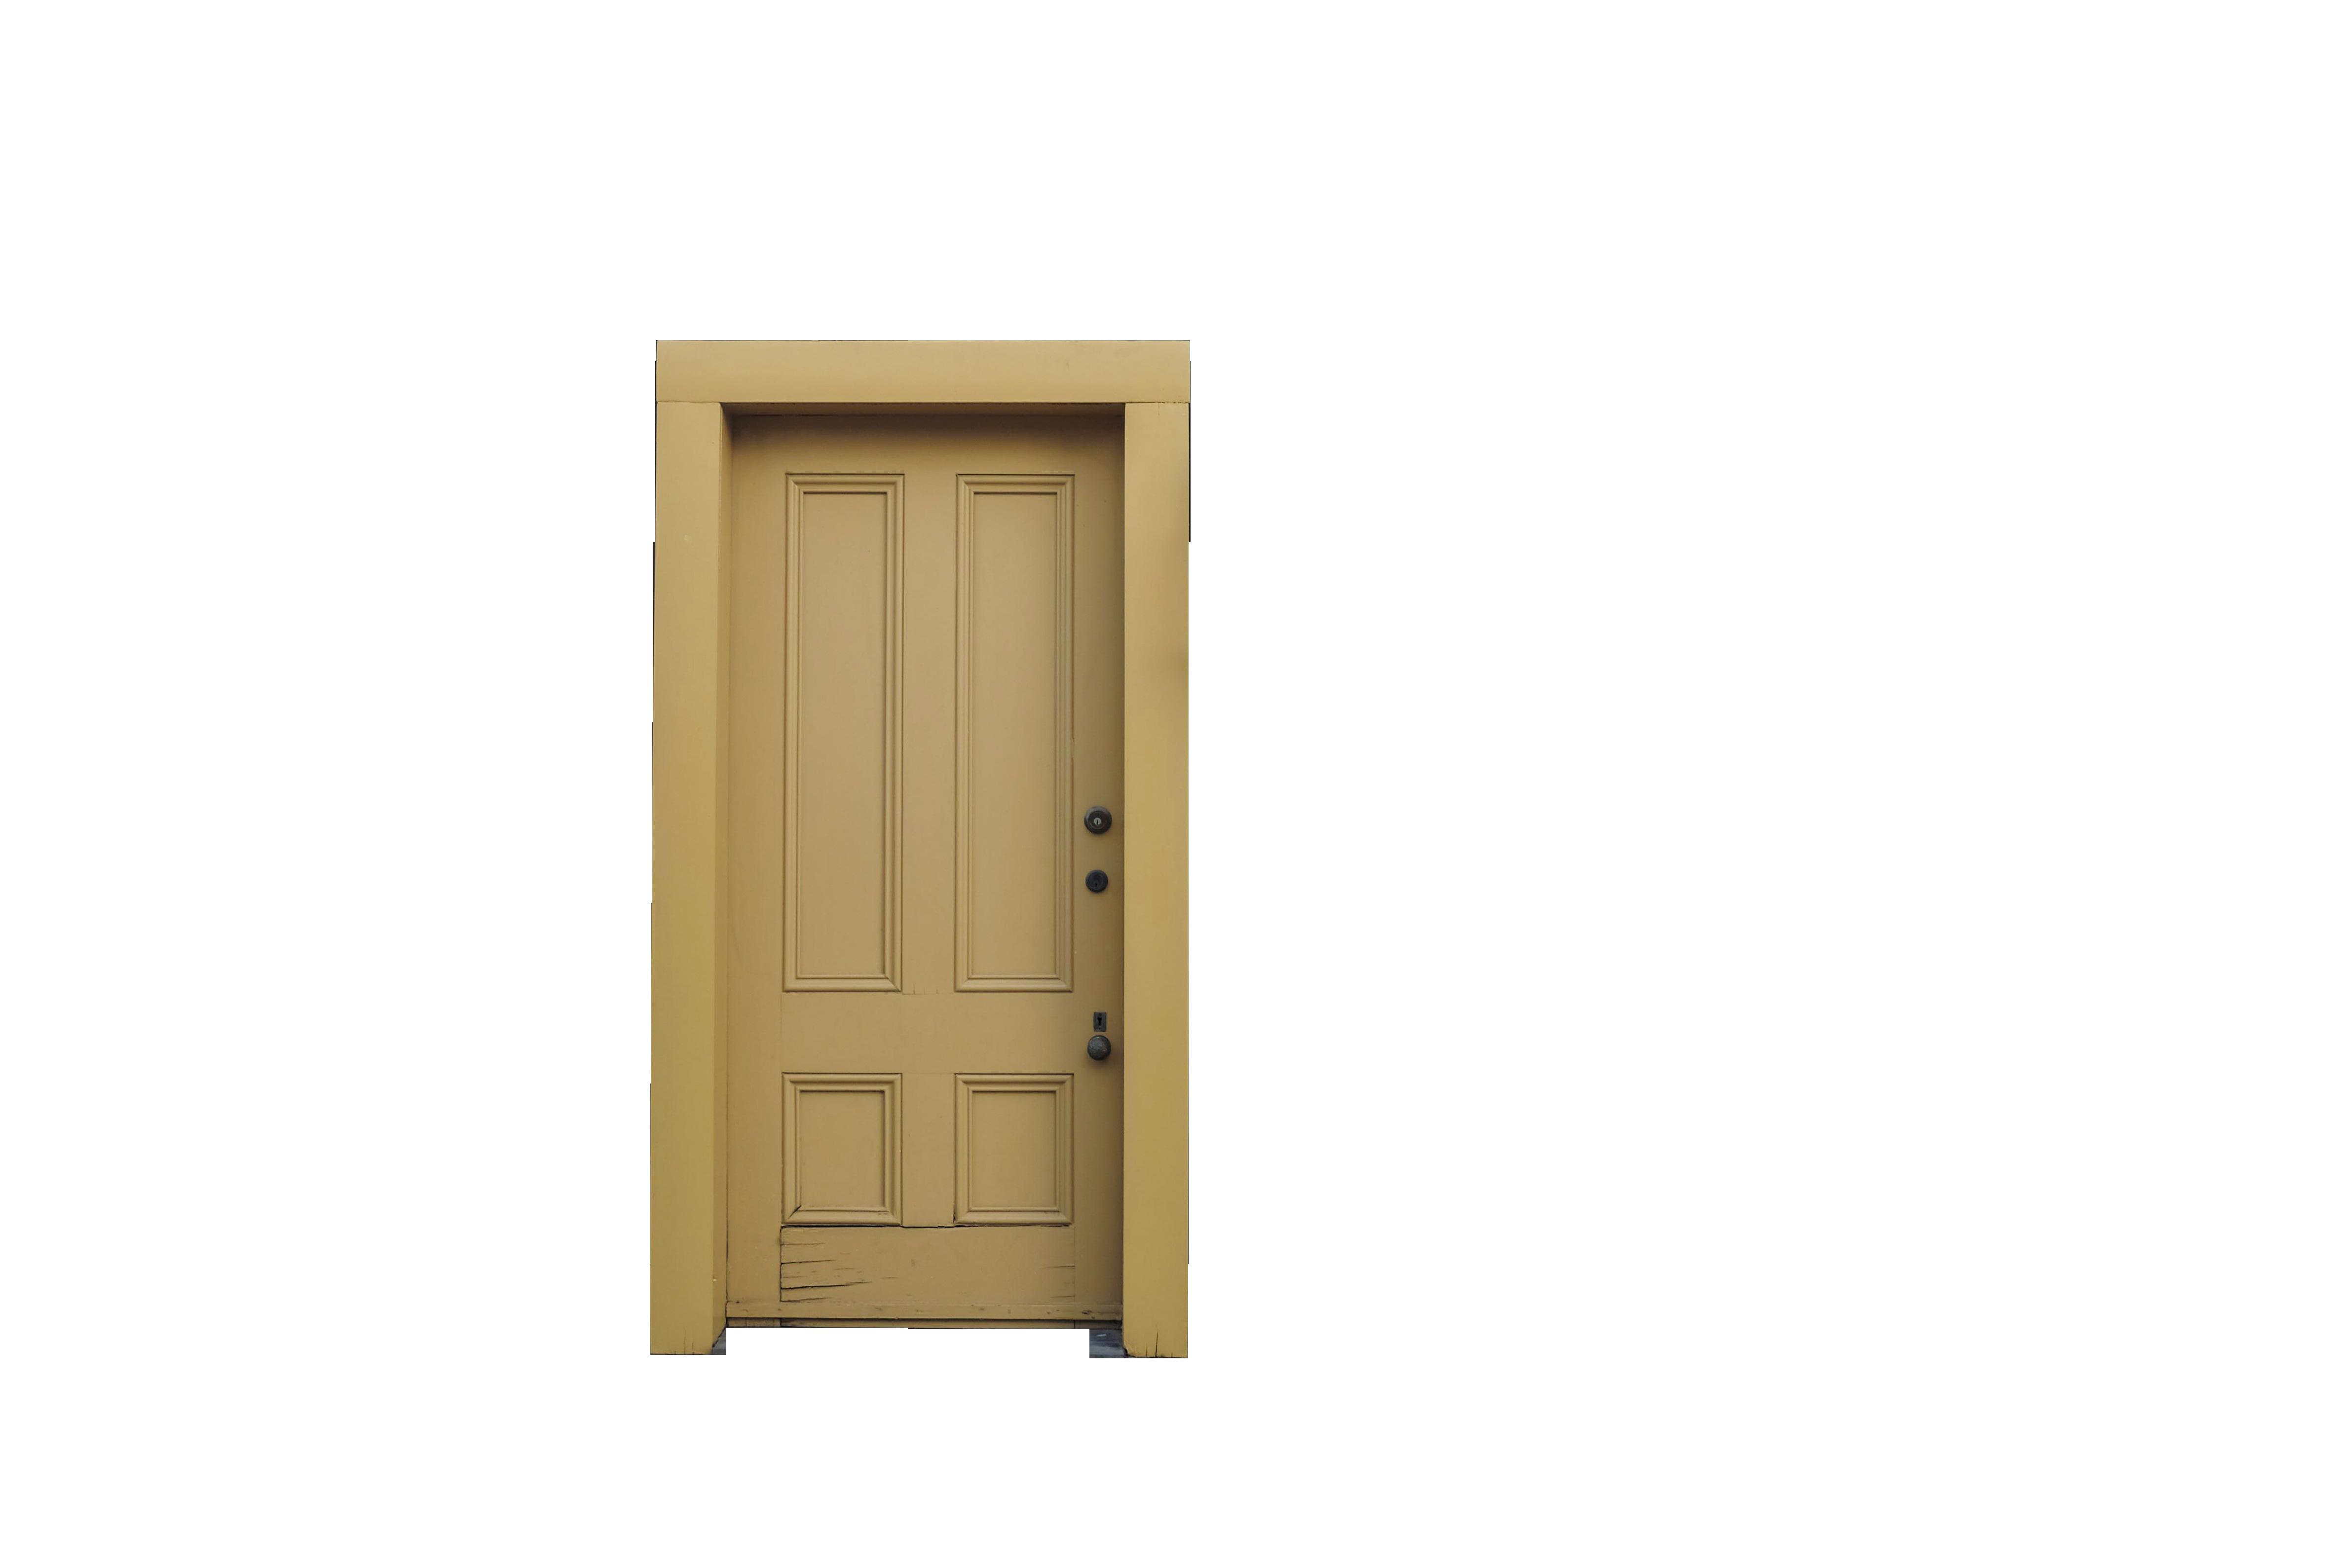 door-1106012_Clip